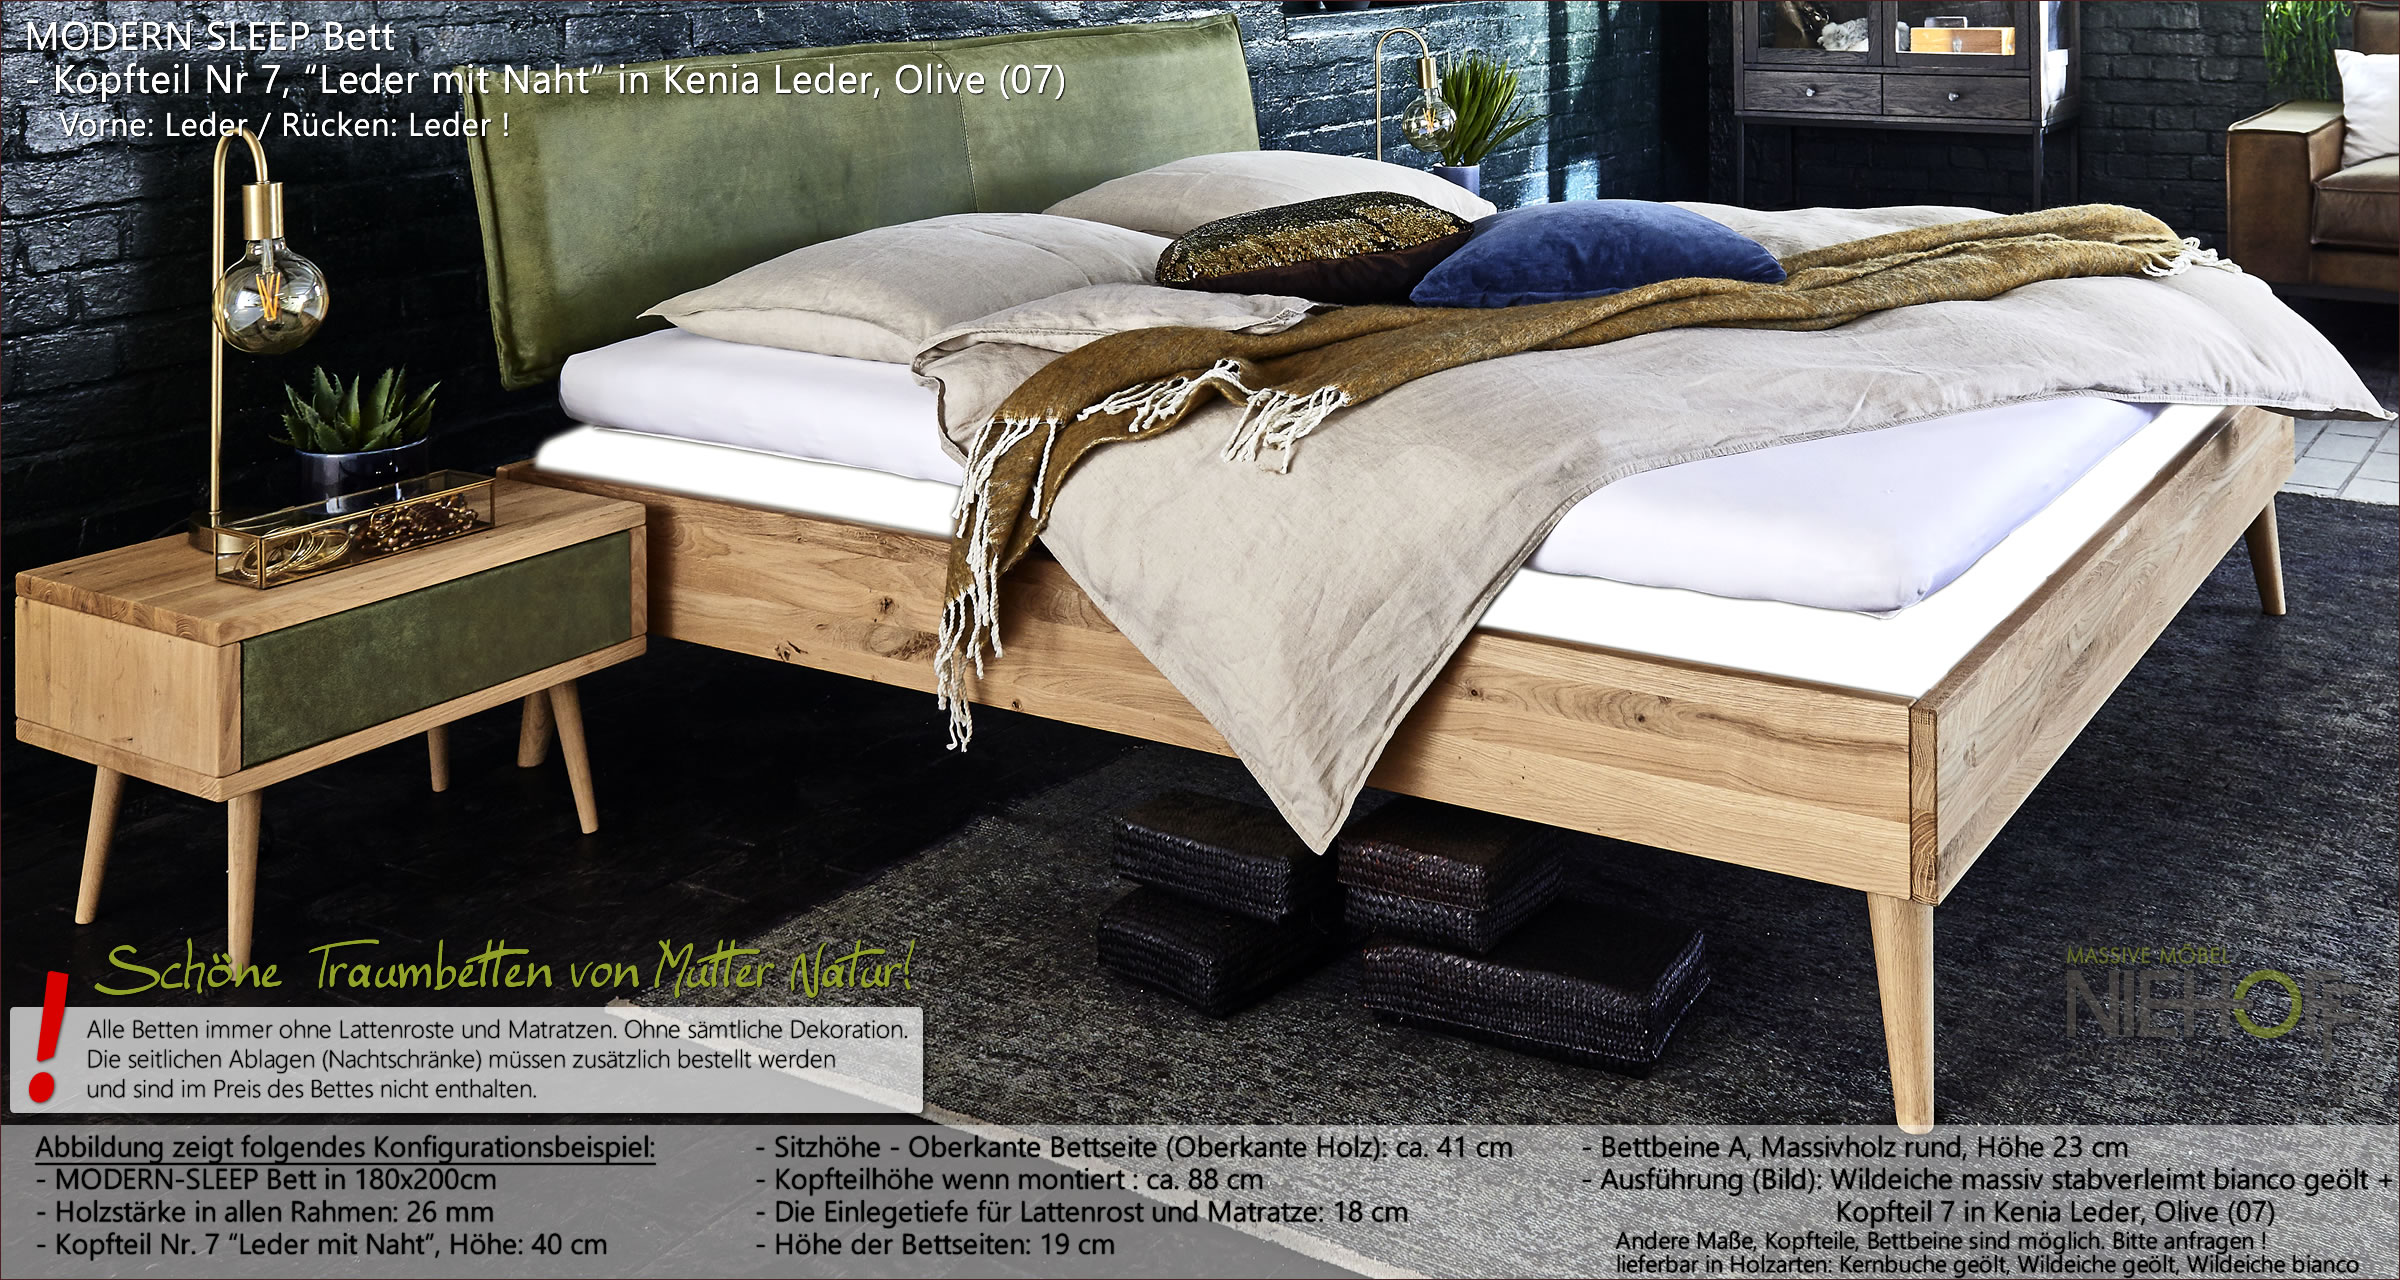 Full Size of Bett Holz Modernes Massivholzbett Betten Aus 140 X 200 Feng Shui 90x200 200x200 Wildeiche Mit Stauraum Regal Massivholz Rückenlehne Esstisch Fenster Alu Bett Bett Holz